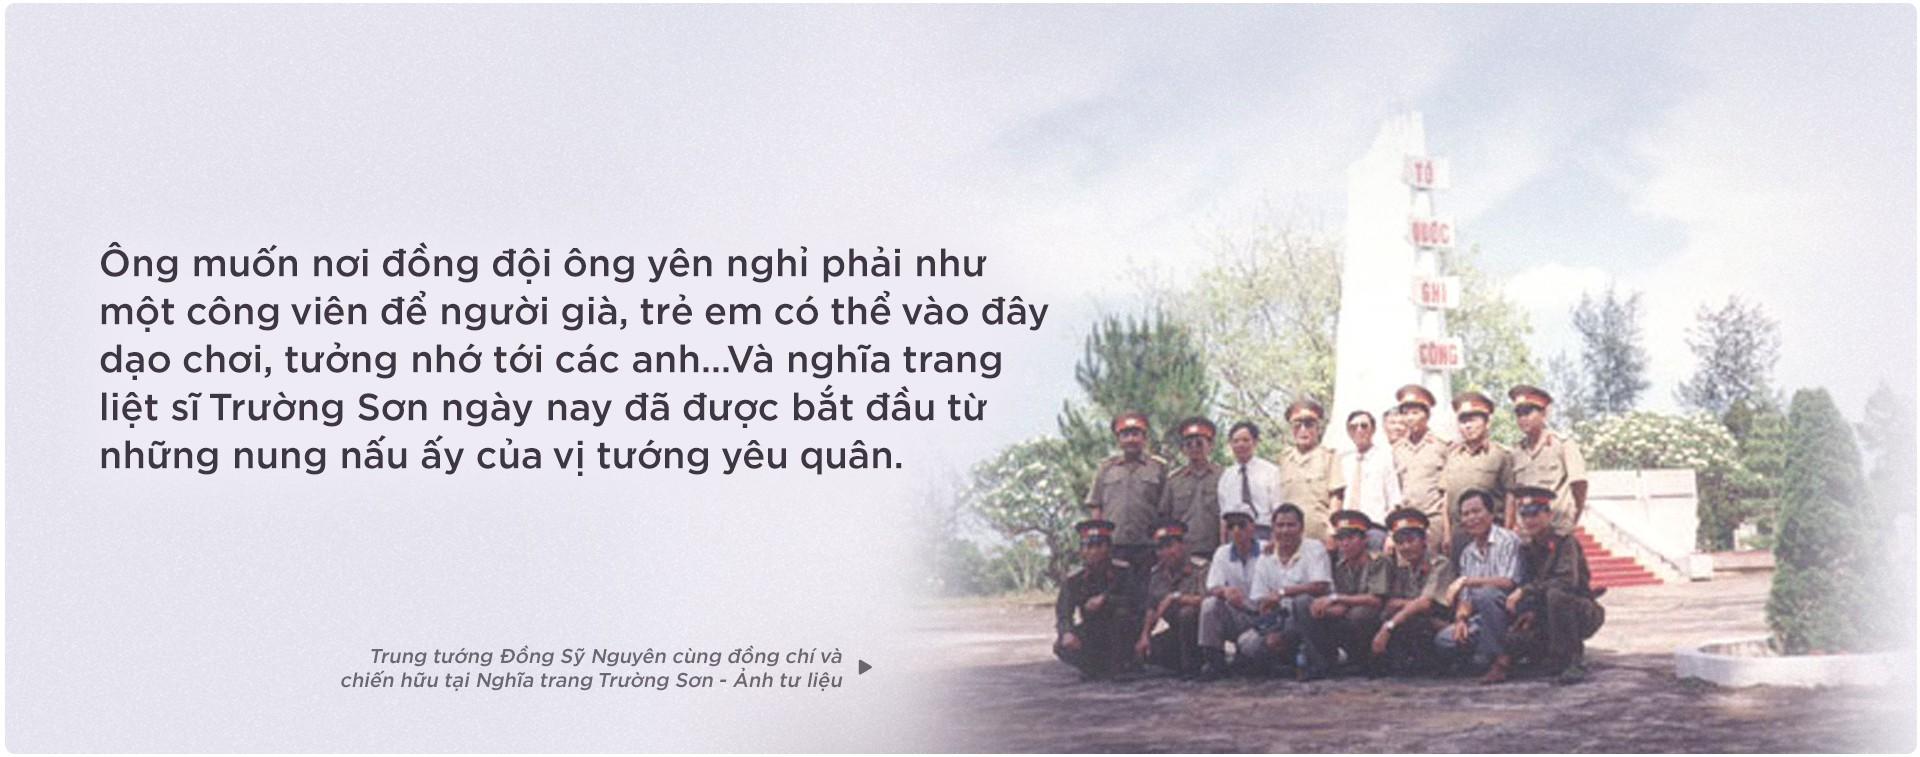 Vĩnh biệt vị tướng già huyền thoại - Đồng Sỹ Nguyên - Ảnh 6.